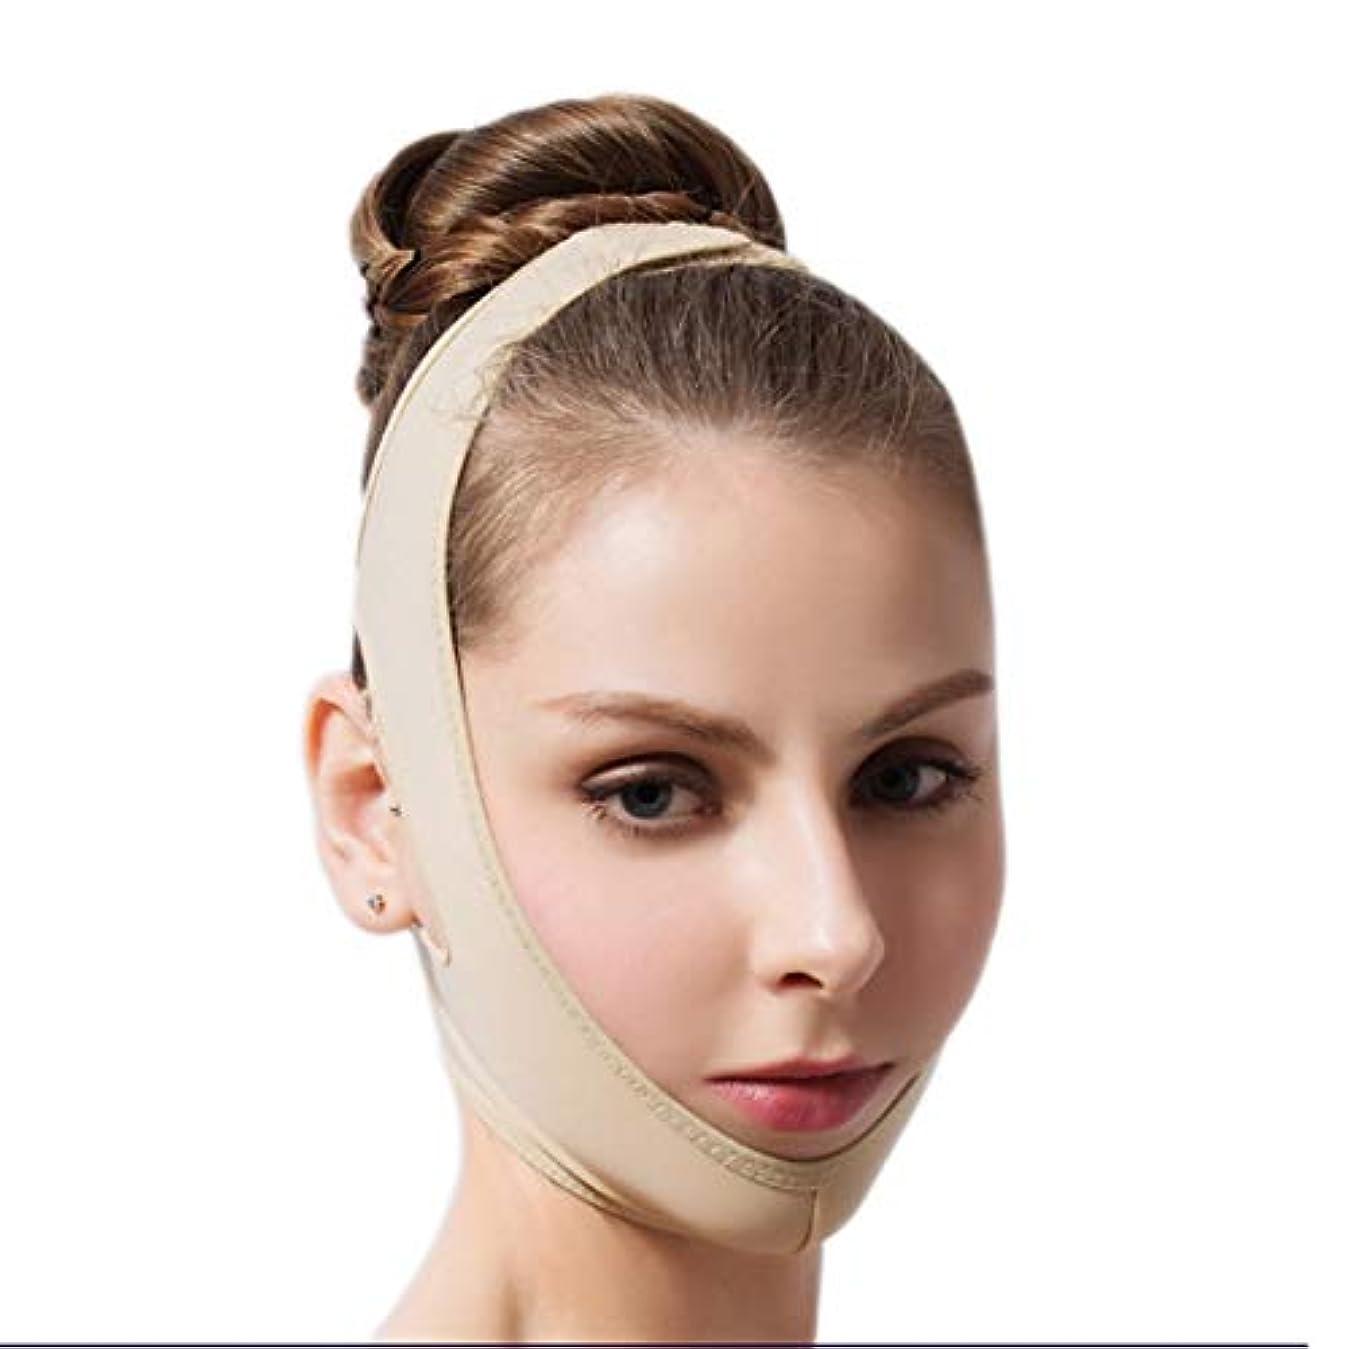 崇拝するアナニバー変数ZWBD フェイスマスク, フェイスリフト包帯V整形術後回復包帯医療グレードマスクバンドルジョー二重あご (Size : L)